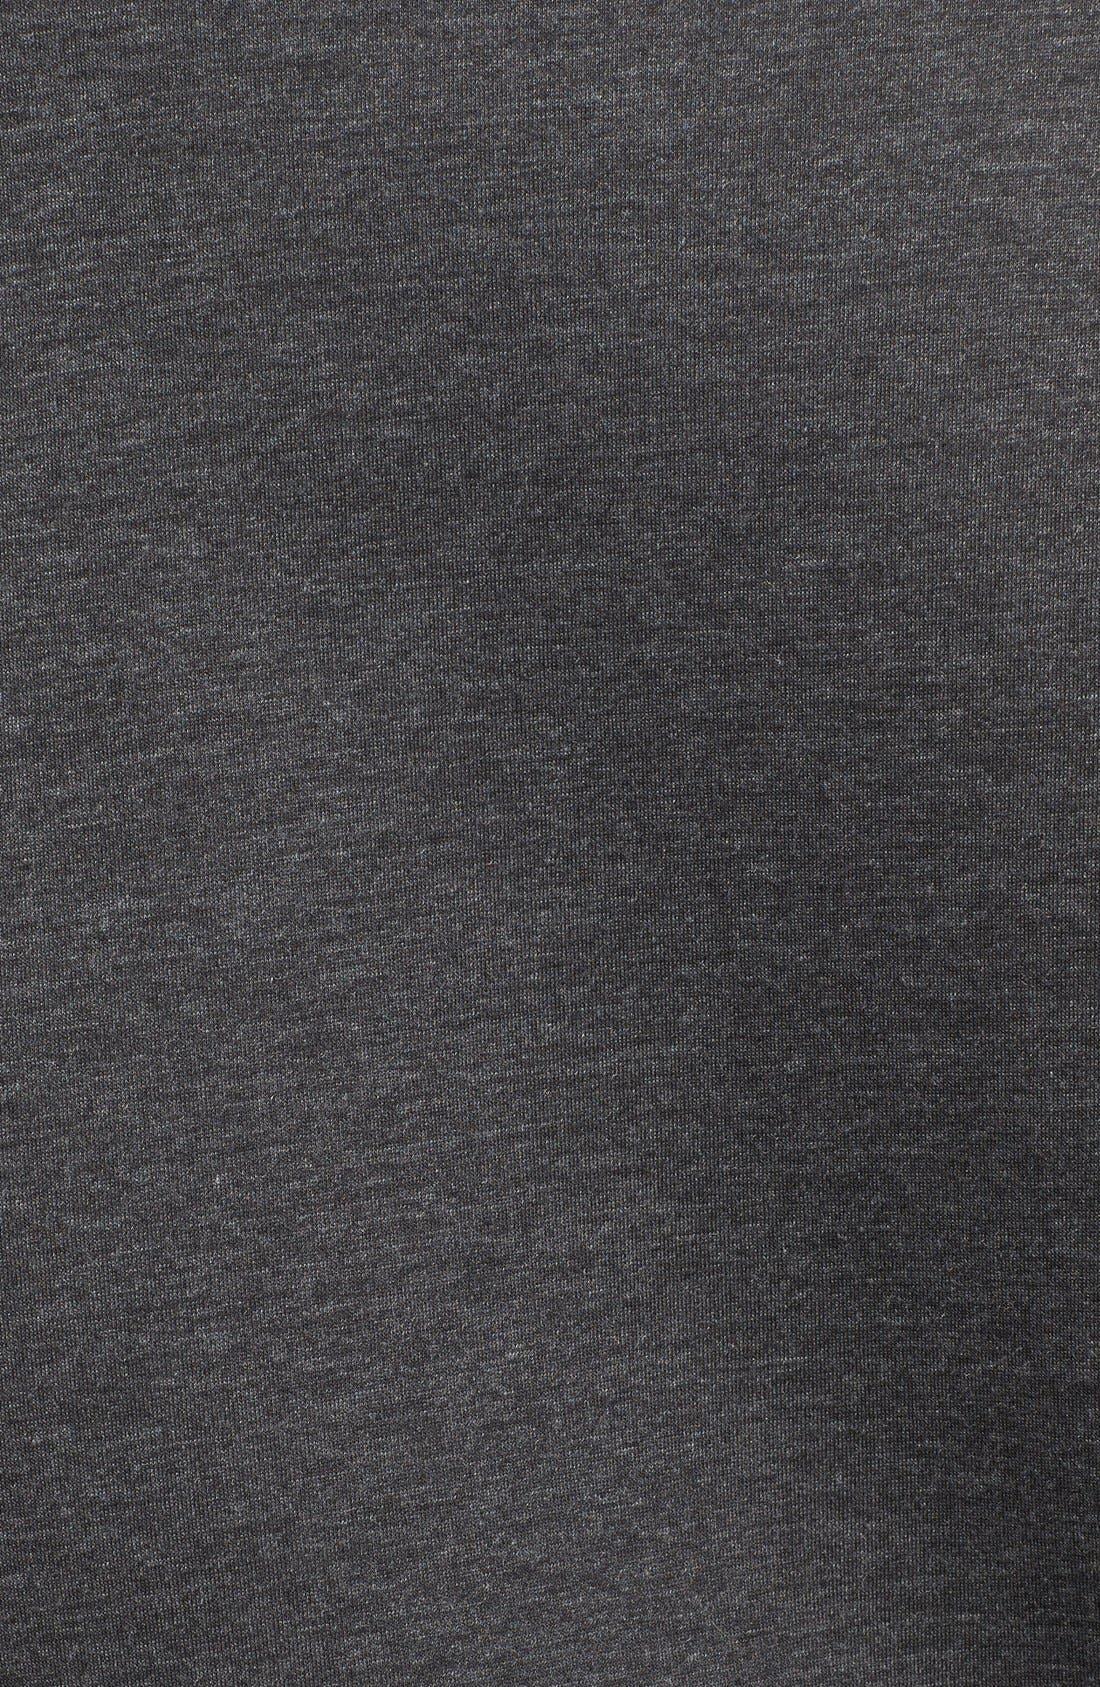 Alternate Image 3  - Tomas Maier Cable Knit & Scuba Fleece Turtleneck